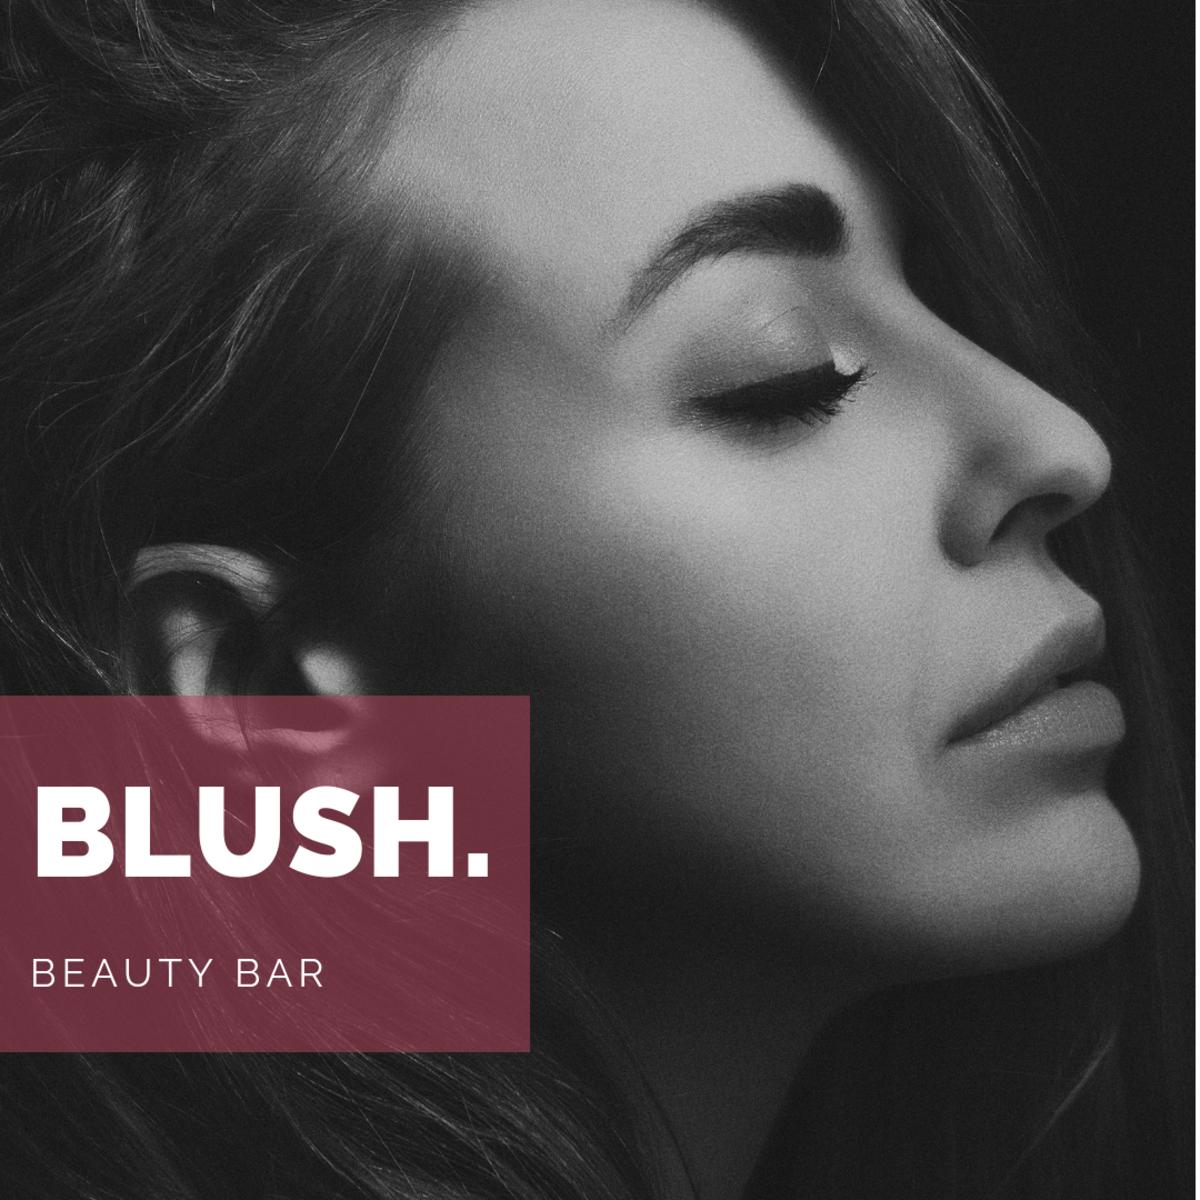 Blush. Beauty Bar